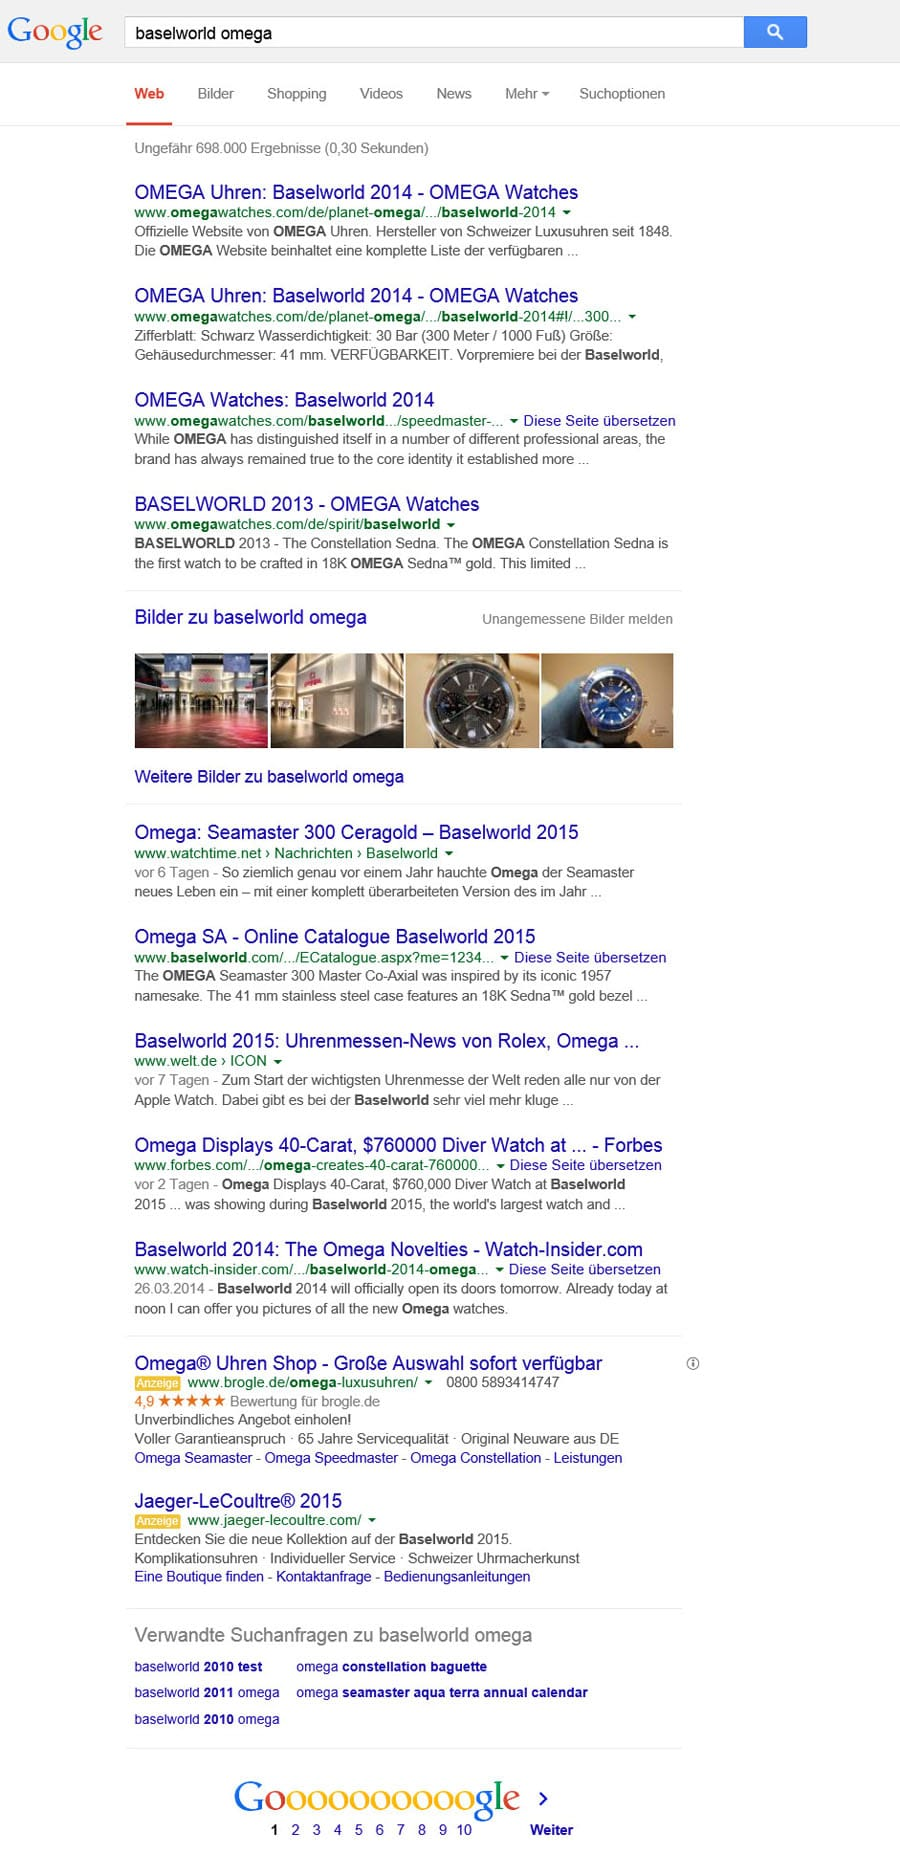 Wer nach Omega suchte, fand Watchtime.net auf der ersten Google-Suchergebnisseite.